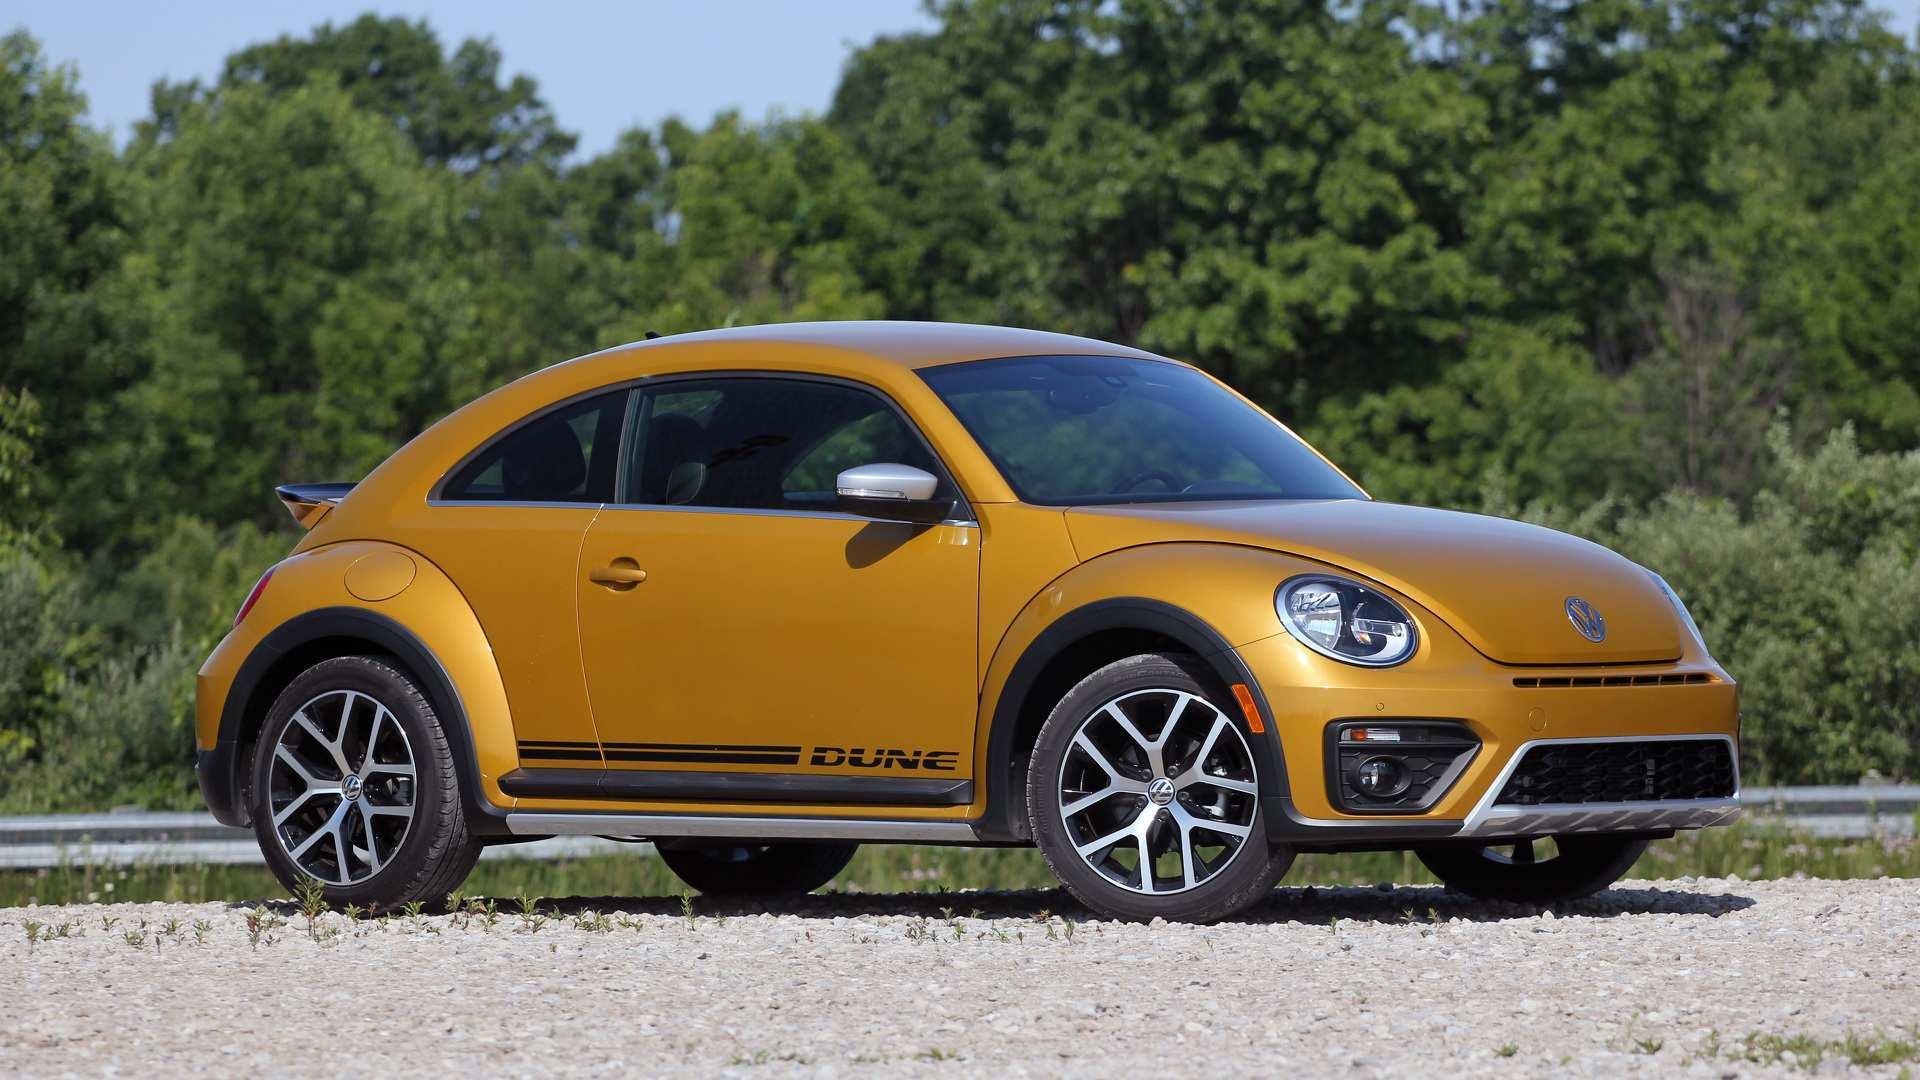 32 The 2020 Volkswagen Beetle Dune Rumors with 2020 Volkswagen Beetle Dune